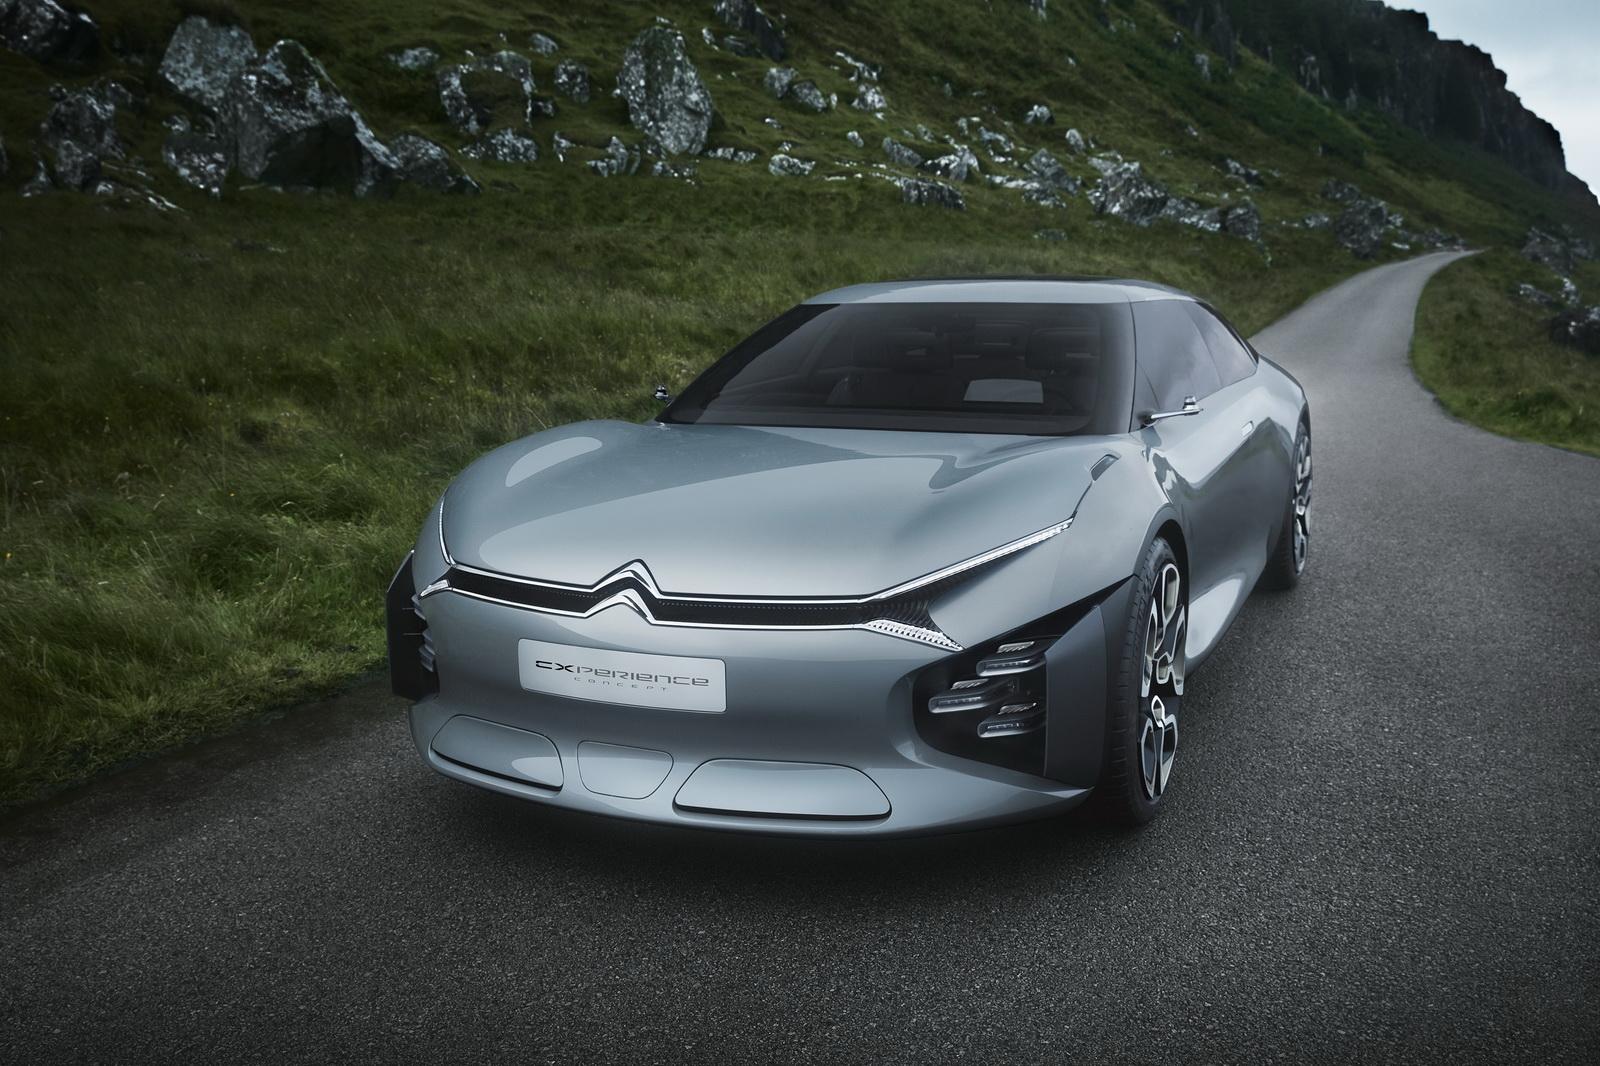 All New Vellfire 2020 Immobilizer Grand Avanza Citroen C5 Coming In Says Companys Boss